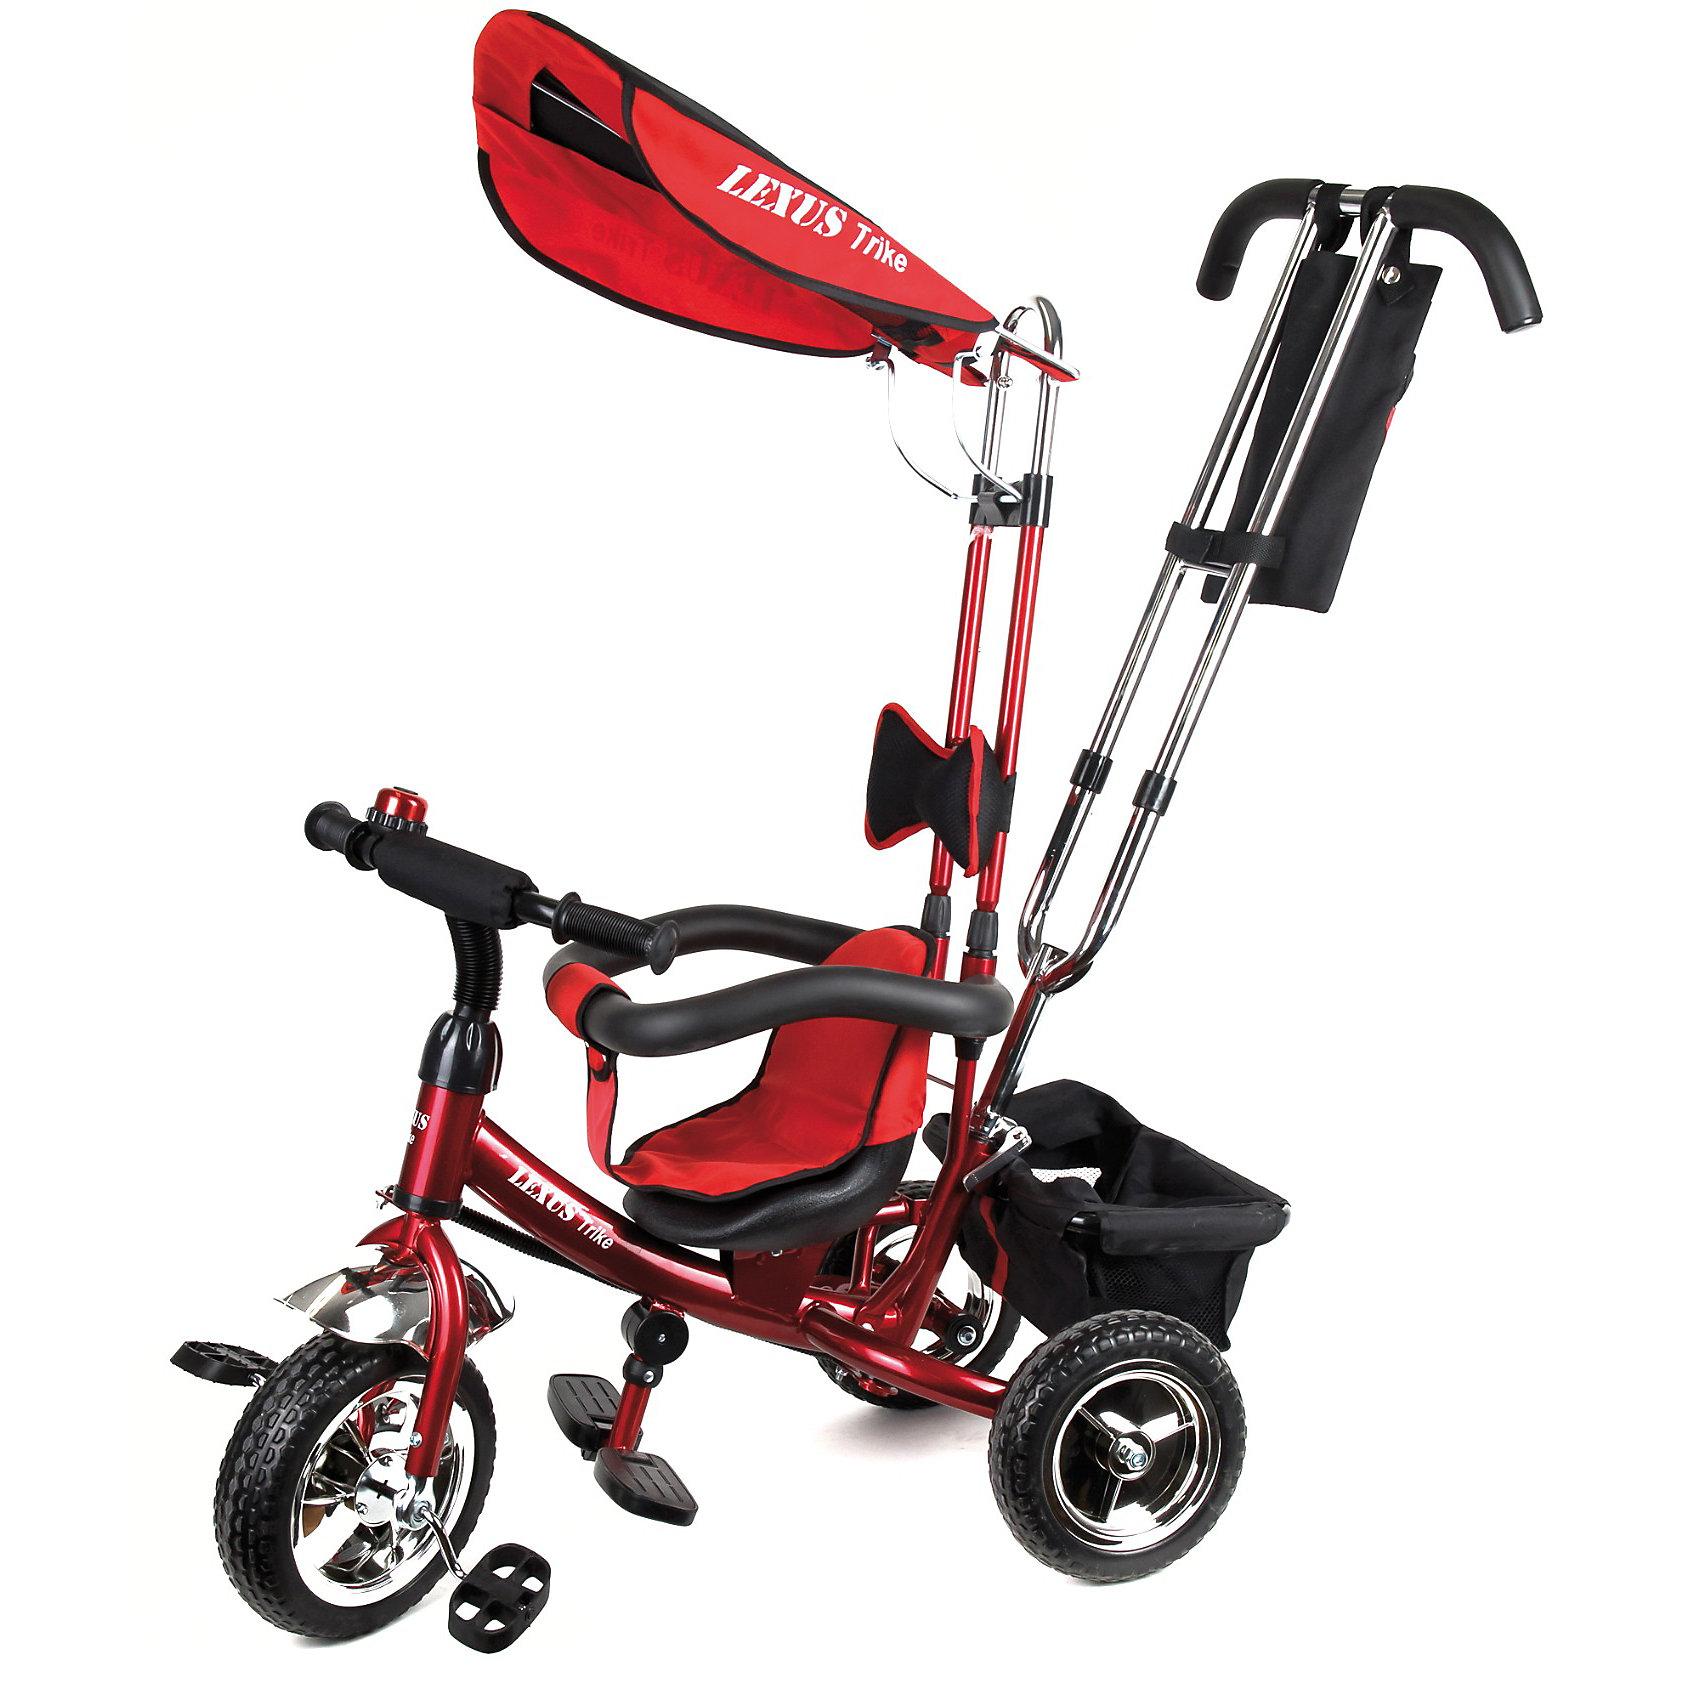 Lexus Trike Трехколесный велосипед, бордовыйКрасивый, стильный и удобный детский трехколесный велосипед от Lexus Trike!<br><br>Особенности модели:<br><br>- Надежная стальная рама, усиленная дополнительными ребрами жесткости.<br>- Широкие пластиковые колеса с шинами ПВХ.<br>- Устойчивые к износу металлические втулки на оси переднего колеса снабжены высококачественными подшипниками.<br>- Удобное сиденье с высокой спинкой и мягкой тканевой накладкой.<br>-Съемная дуга безопасности.<br>- Родительская ручка управления с регулируемой металлической тягой, позволяющей менять угол поворота переднего колеса.<br>- Складная подножка.<br>- Задняя корзина из плотной ткани на металлическом каркасе.<br>- Практичная сумка с креплением на ручке управления.<br>- Тент от солнца и дождя из ткани со специальной пропиткой.<br>-Все элементы из ткани легко снимаются для стирки.<br><br>Дополнительная информация:<br><br>- Материалы: рама- сталь, шины-ПВХ, тент и корзина - текстиль.<br>- Цвет: бордовый.<br>-Размеры велосипеда: высота 90см., длина (вид сбоку) 85см.<br>- Вес: ок. 11 кг.<br><br>Lexus Trike Трехколесный велосипед, бордовый можно купить в нашем магазине.<br><br>Ширина мм: 700<br>Глубина мм: 270<br>Высота мм: 440<br>Вес г: 11000<br>Возраст от месяцев: 12<br>Возраст до месяцев: 36<br>Пол: Унисекс<br>Возраст: Детский<br>SKU: 3156372